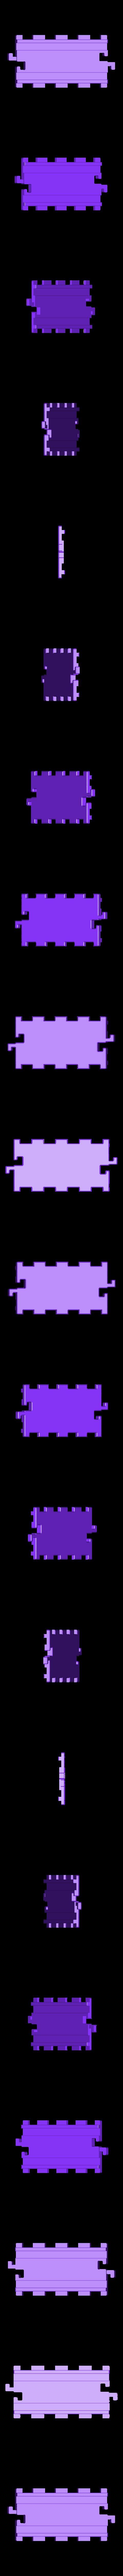 SmallToys-RailStraight.stl Download STL file SmallToys - Starter Pack • 3D printer model, Wabby